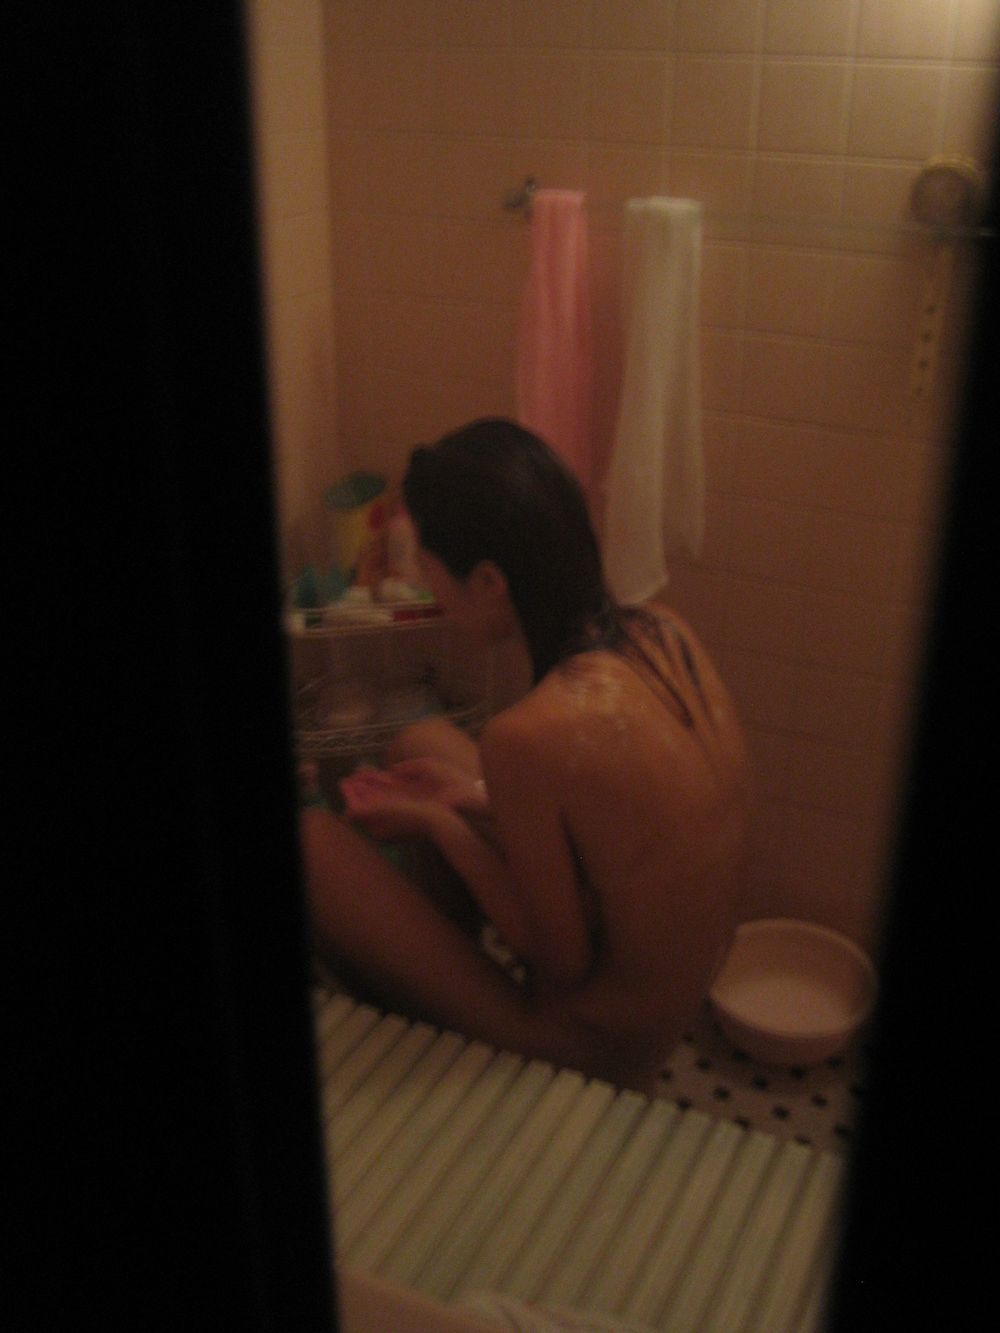 自宅の風呂場で裸の素人さんを発見 (12)